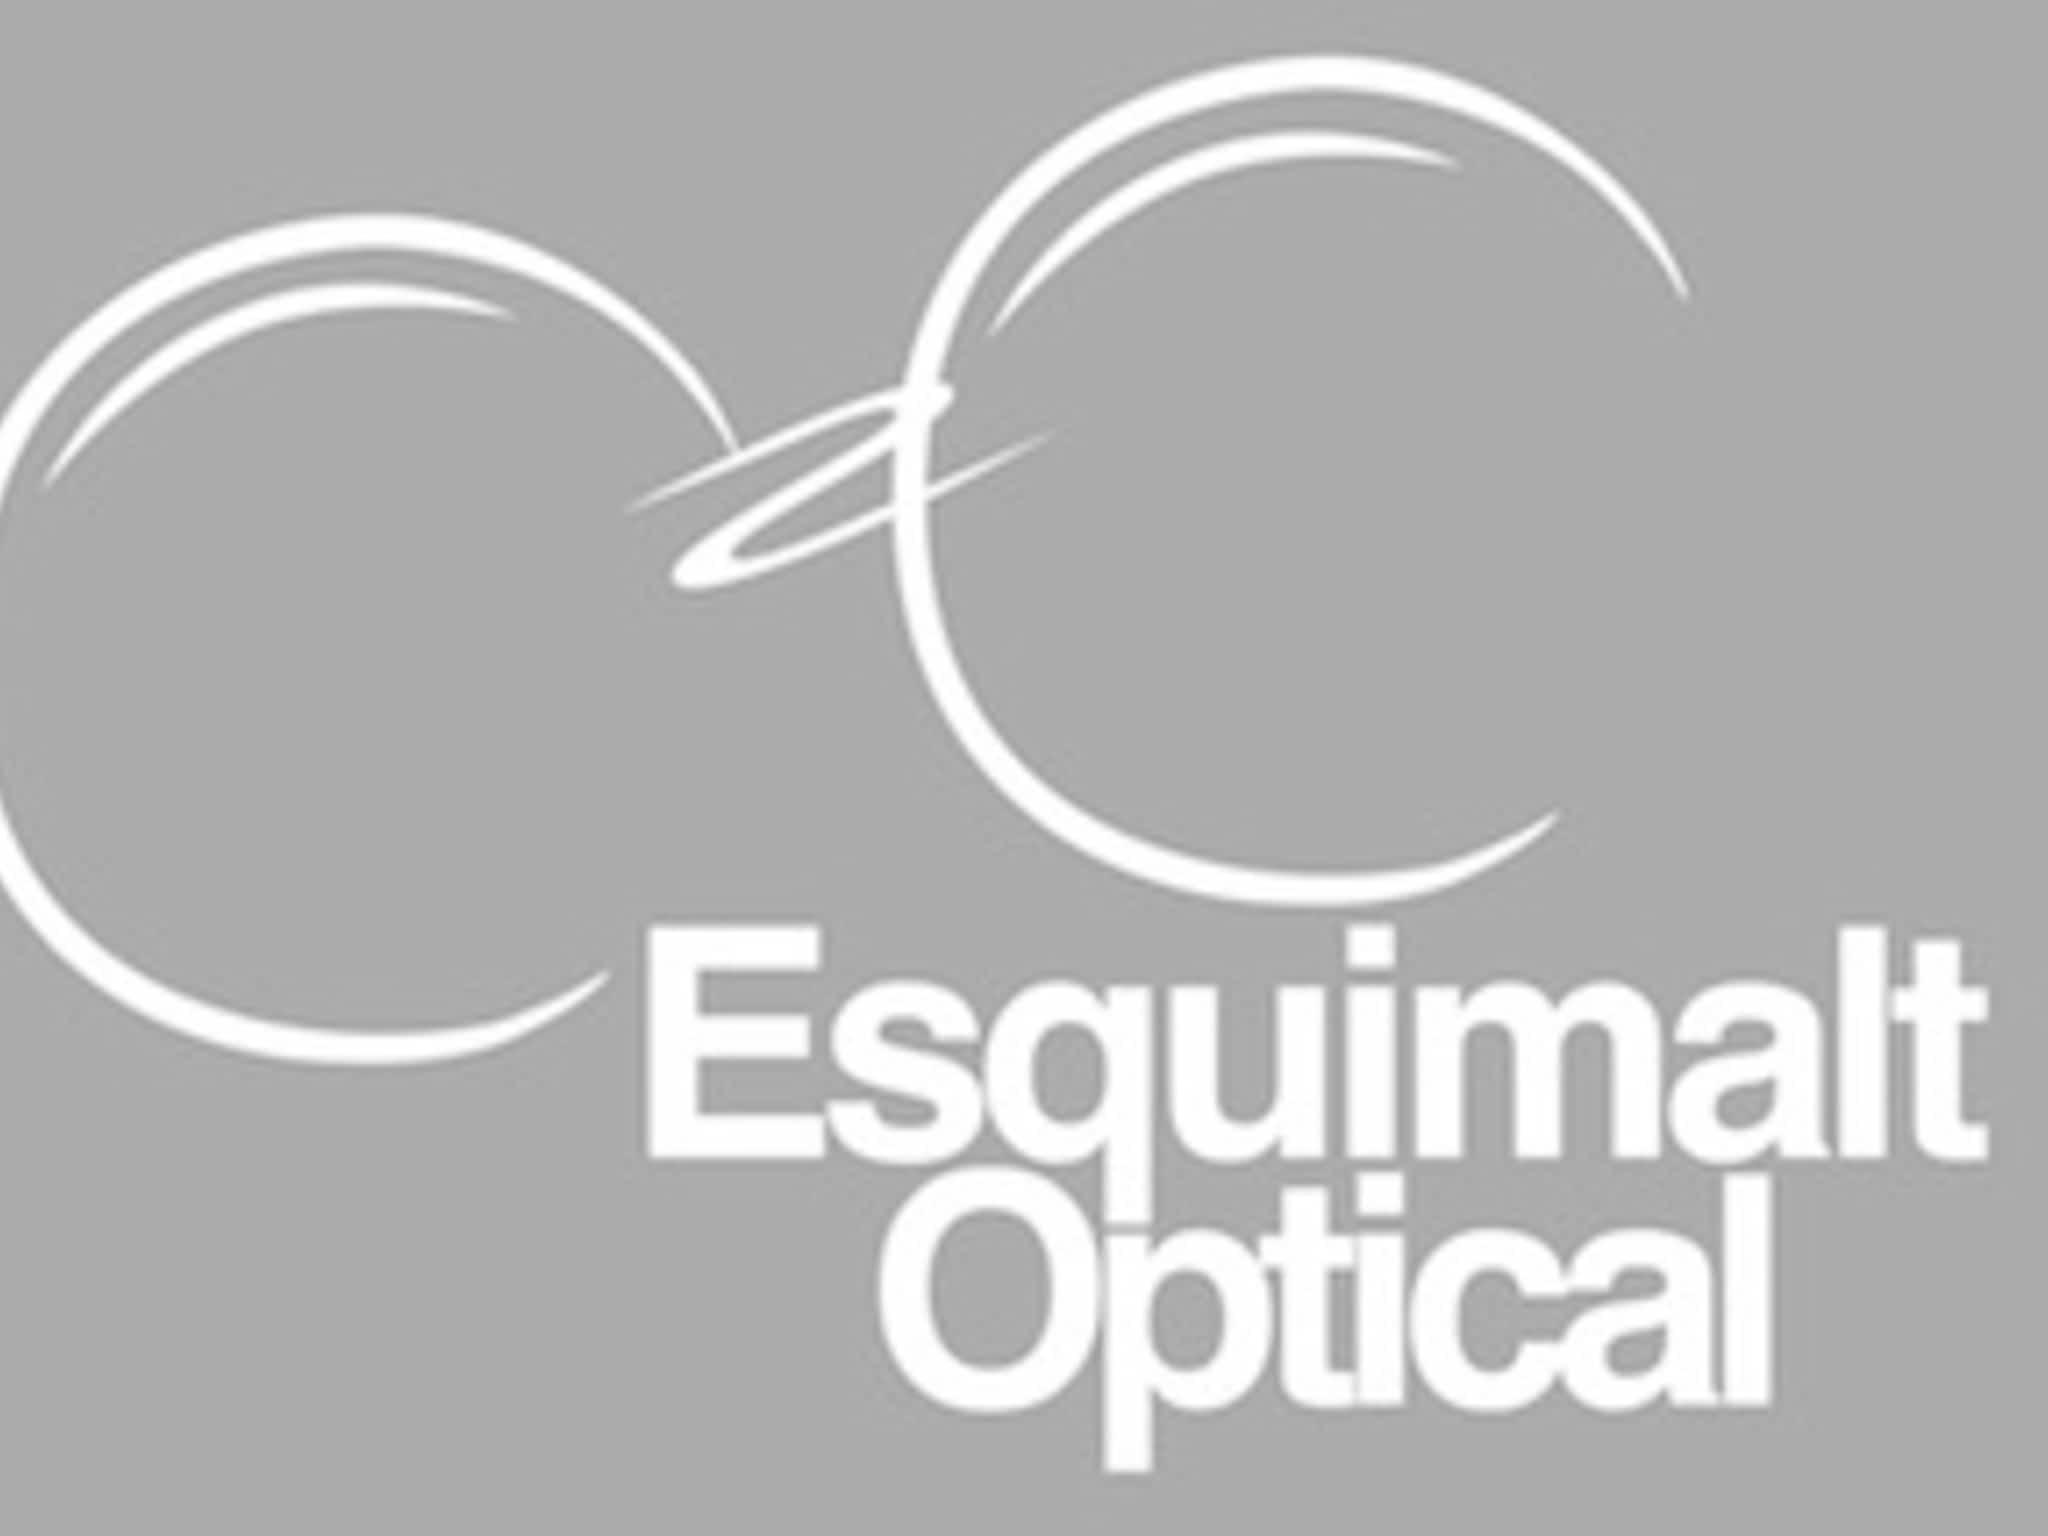 photo Esquimalt Optical